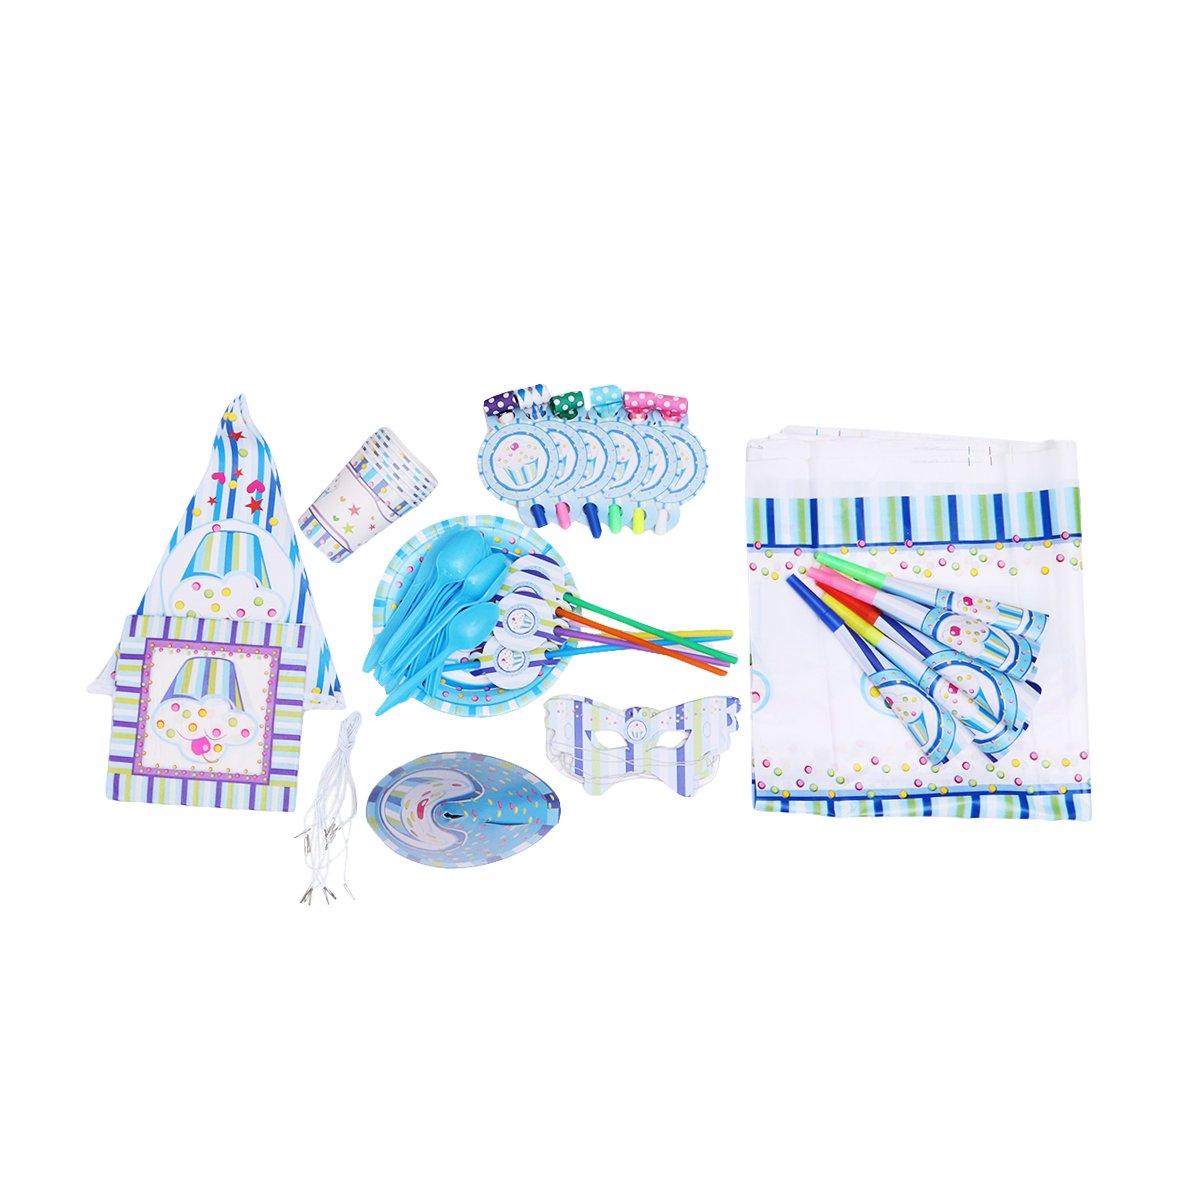 BESTOYARD Tema gelato Compleanno Party Supplies Pack Servizio da tavola Kit Set di forniture per bambini Compleanno e celebrazione